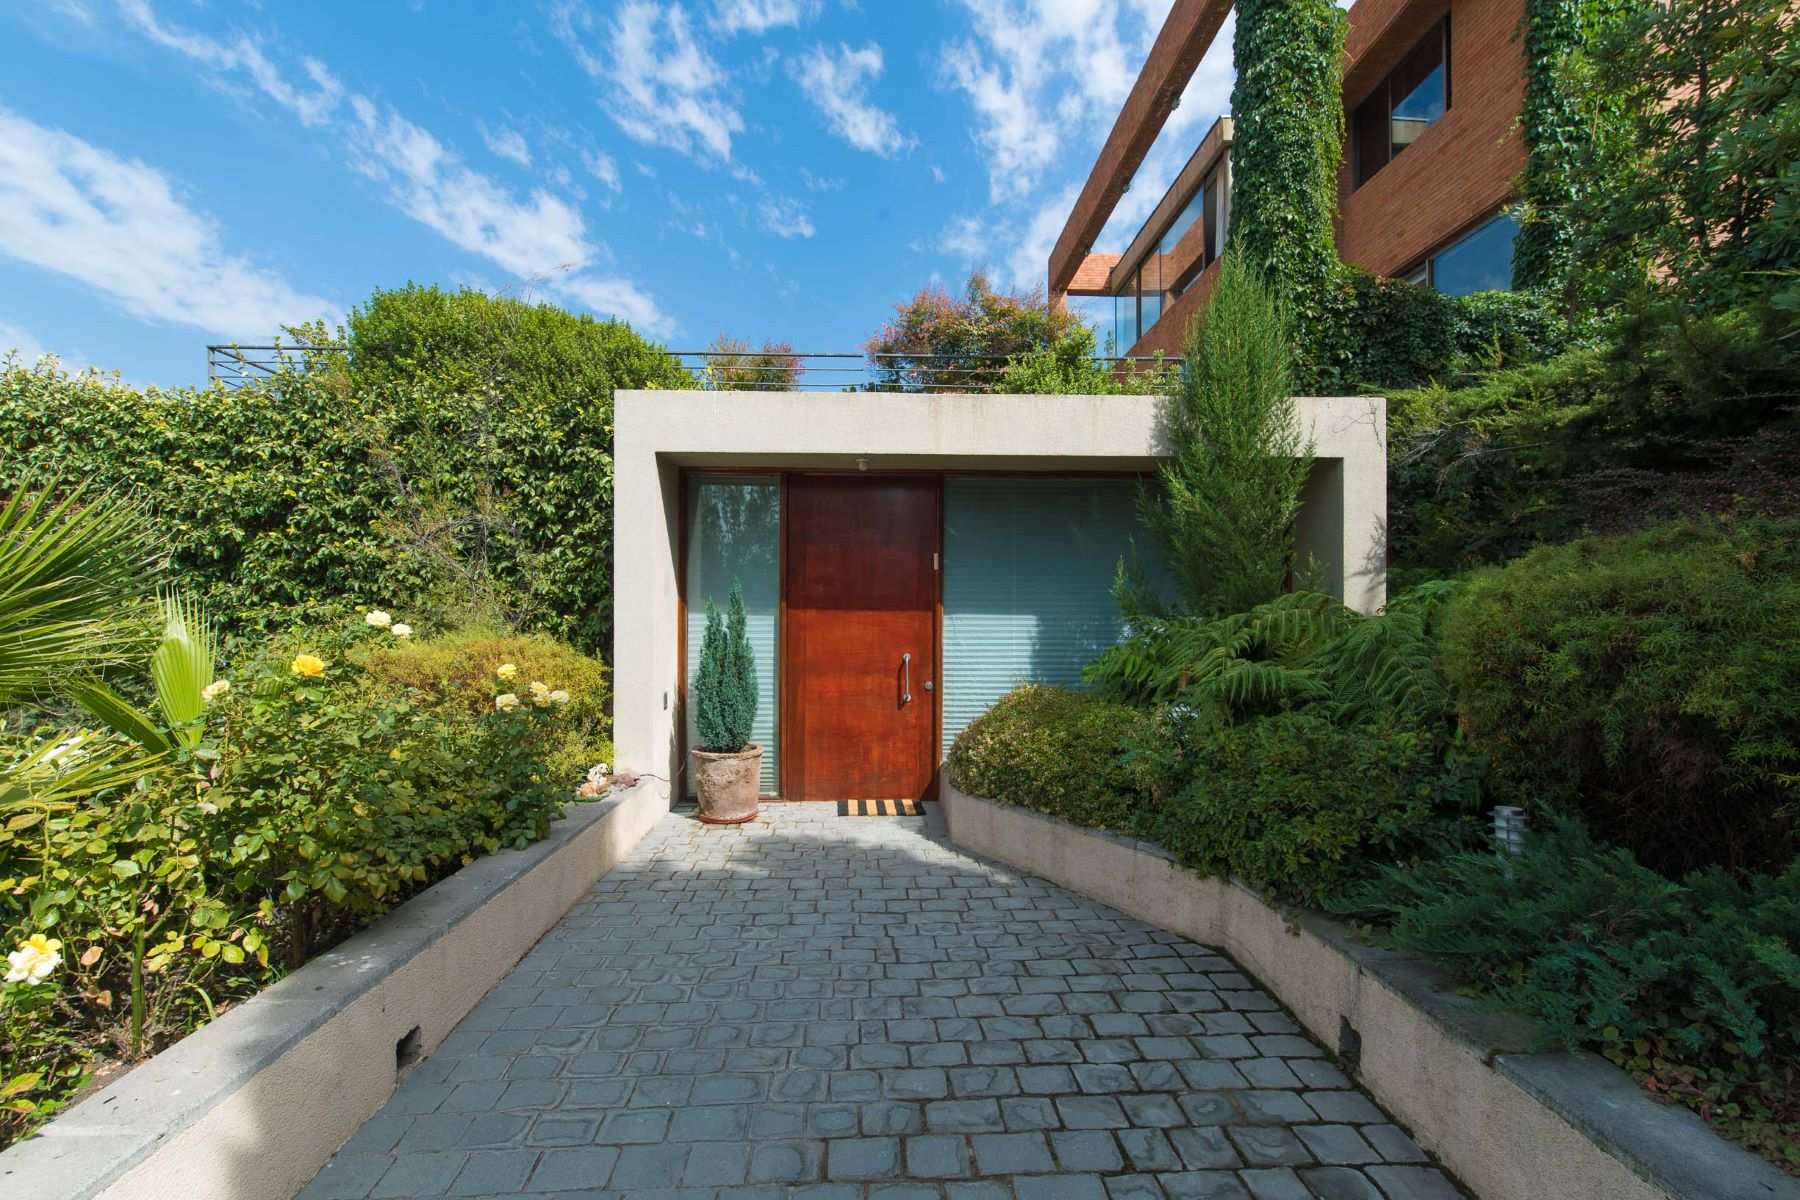 Casa Unifamiliar por un Venta en Excelente y Moderna Arquitectura en La Dehesa Lo Barnechea, Santiago, Region Metropolitana De Santiago Chile